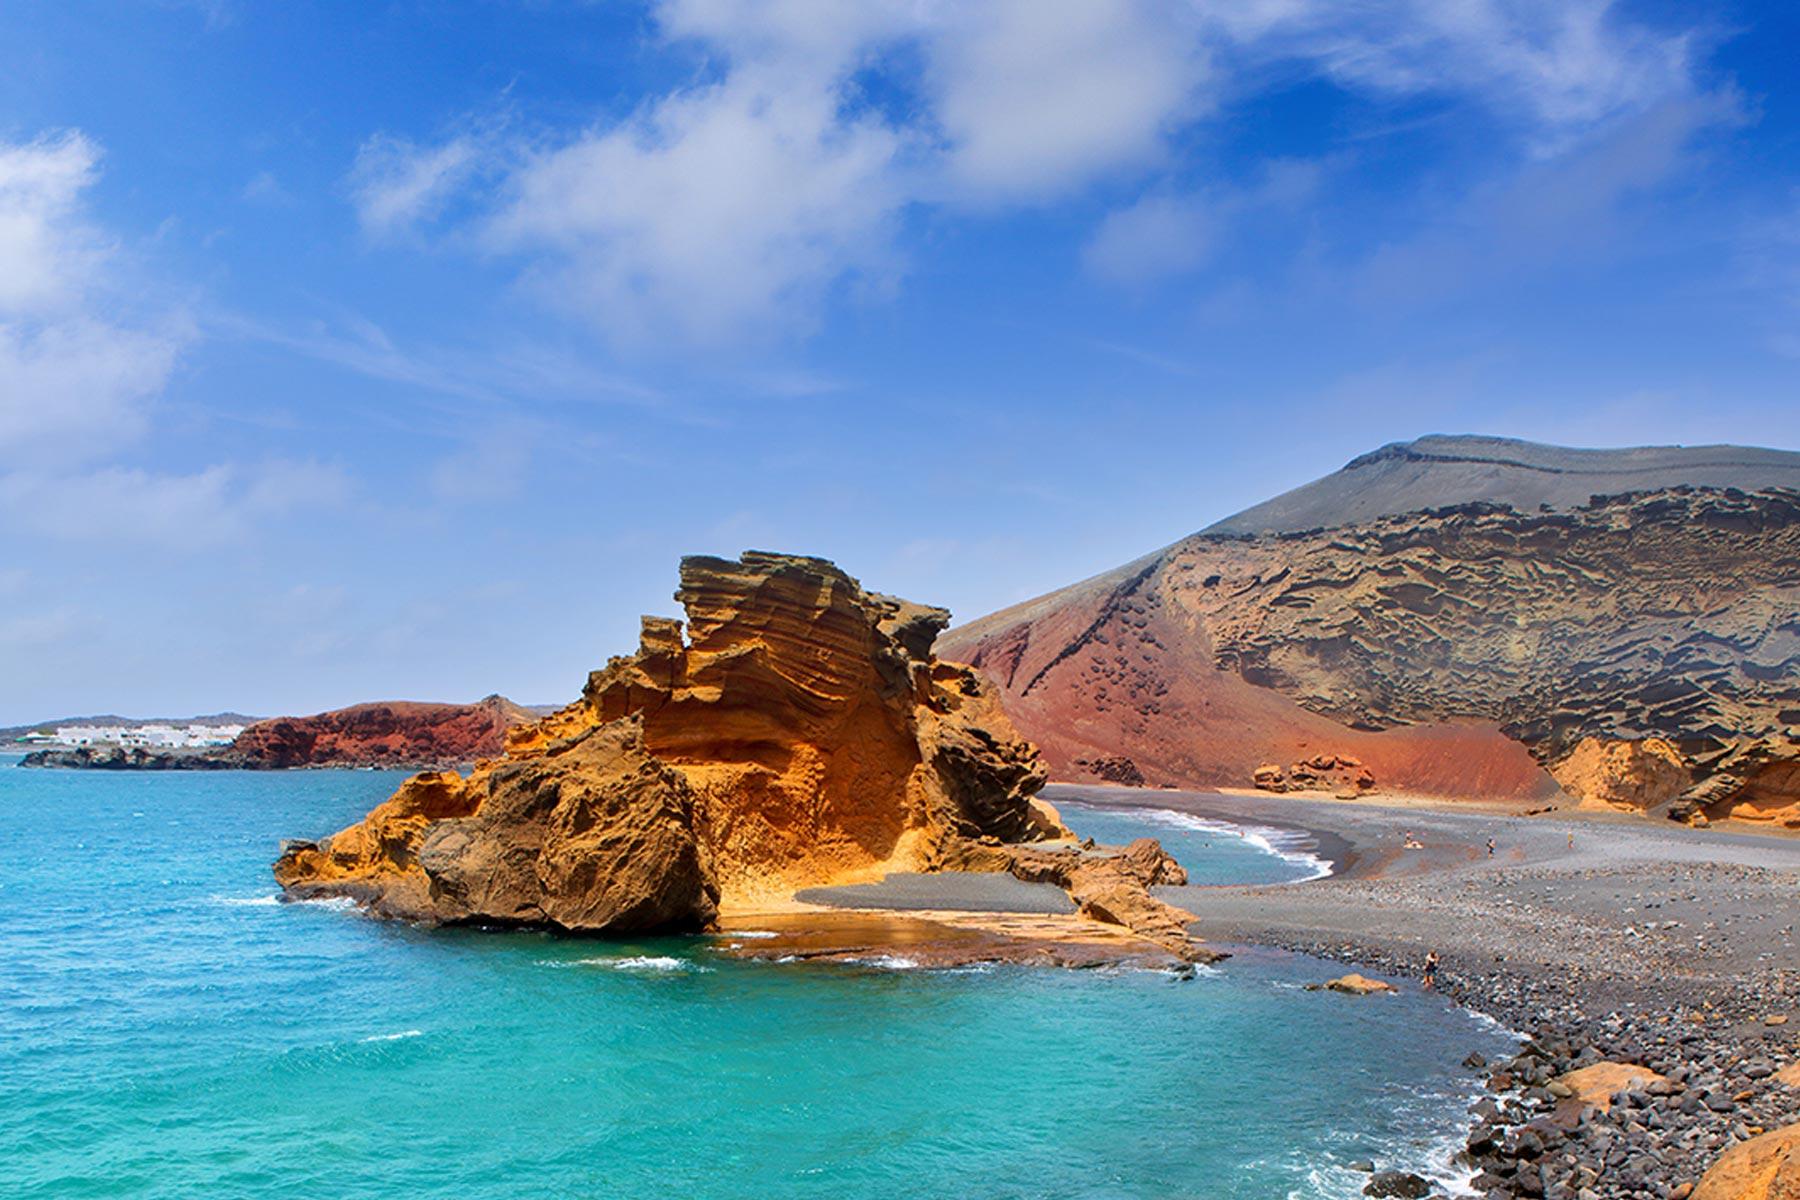 Фото на пляже в испании, На испанском пляже это делать можно (фото) 26 фотография